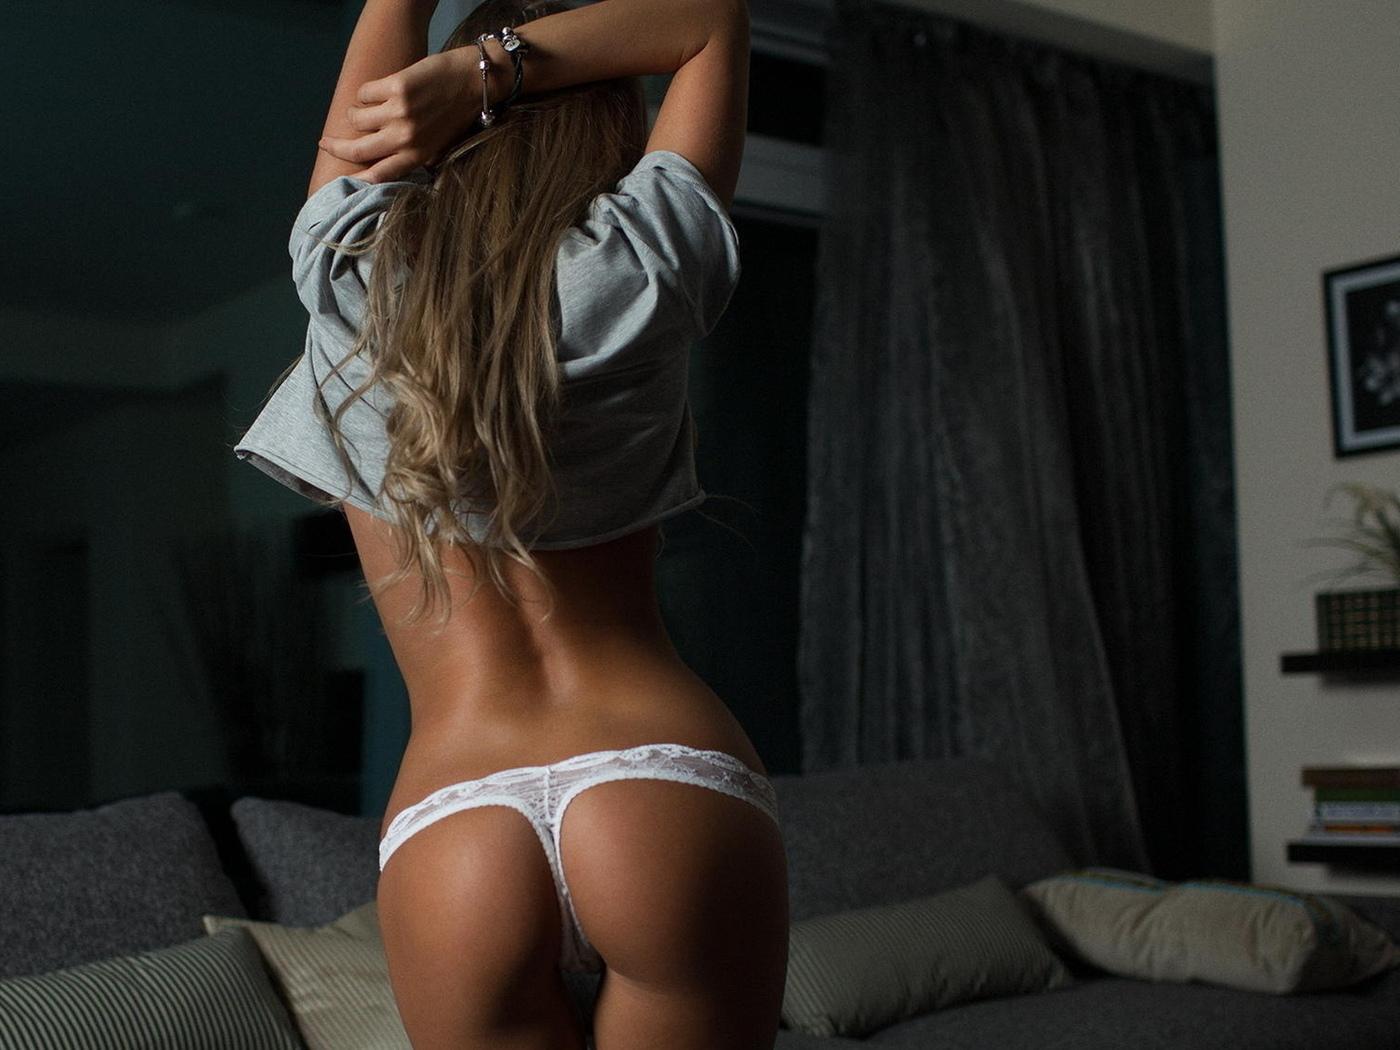 девушка, красивая, ноги, грудь, попа, со спины